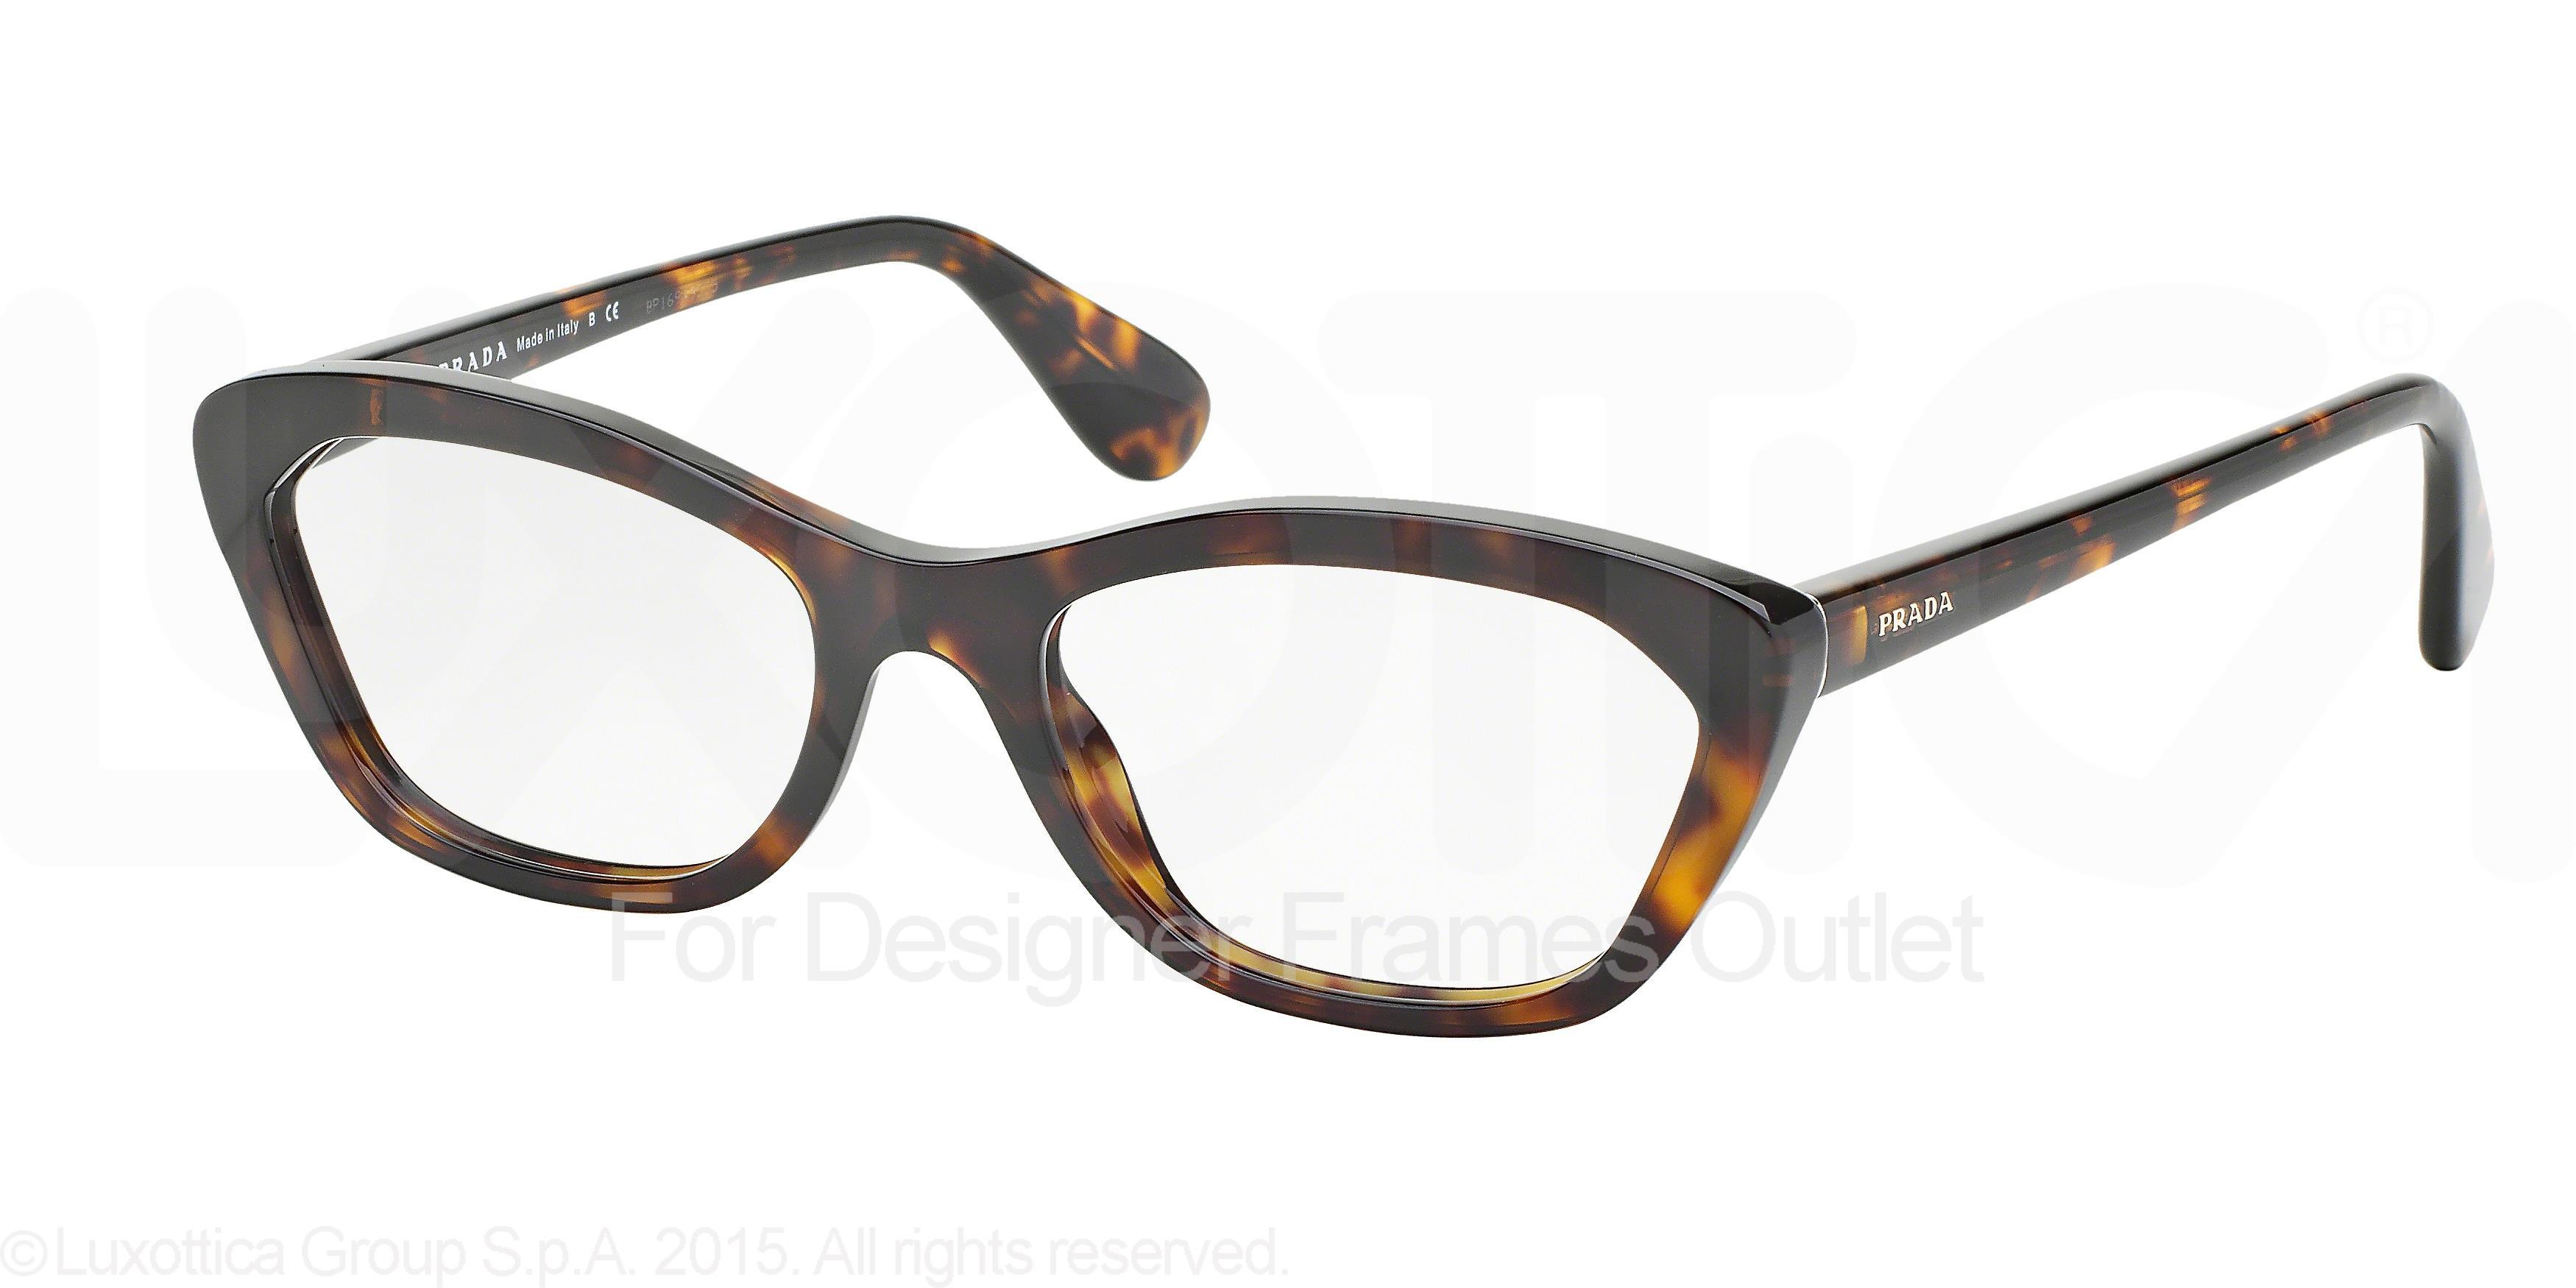 a542be56c6d1 Designer Glasses Outlet Middlesbrough